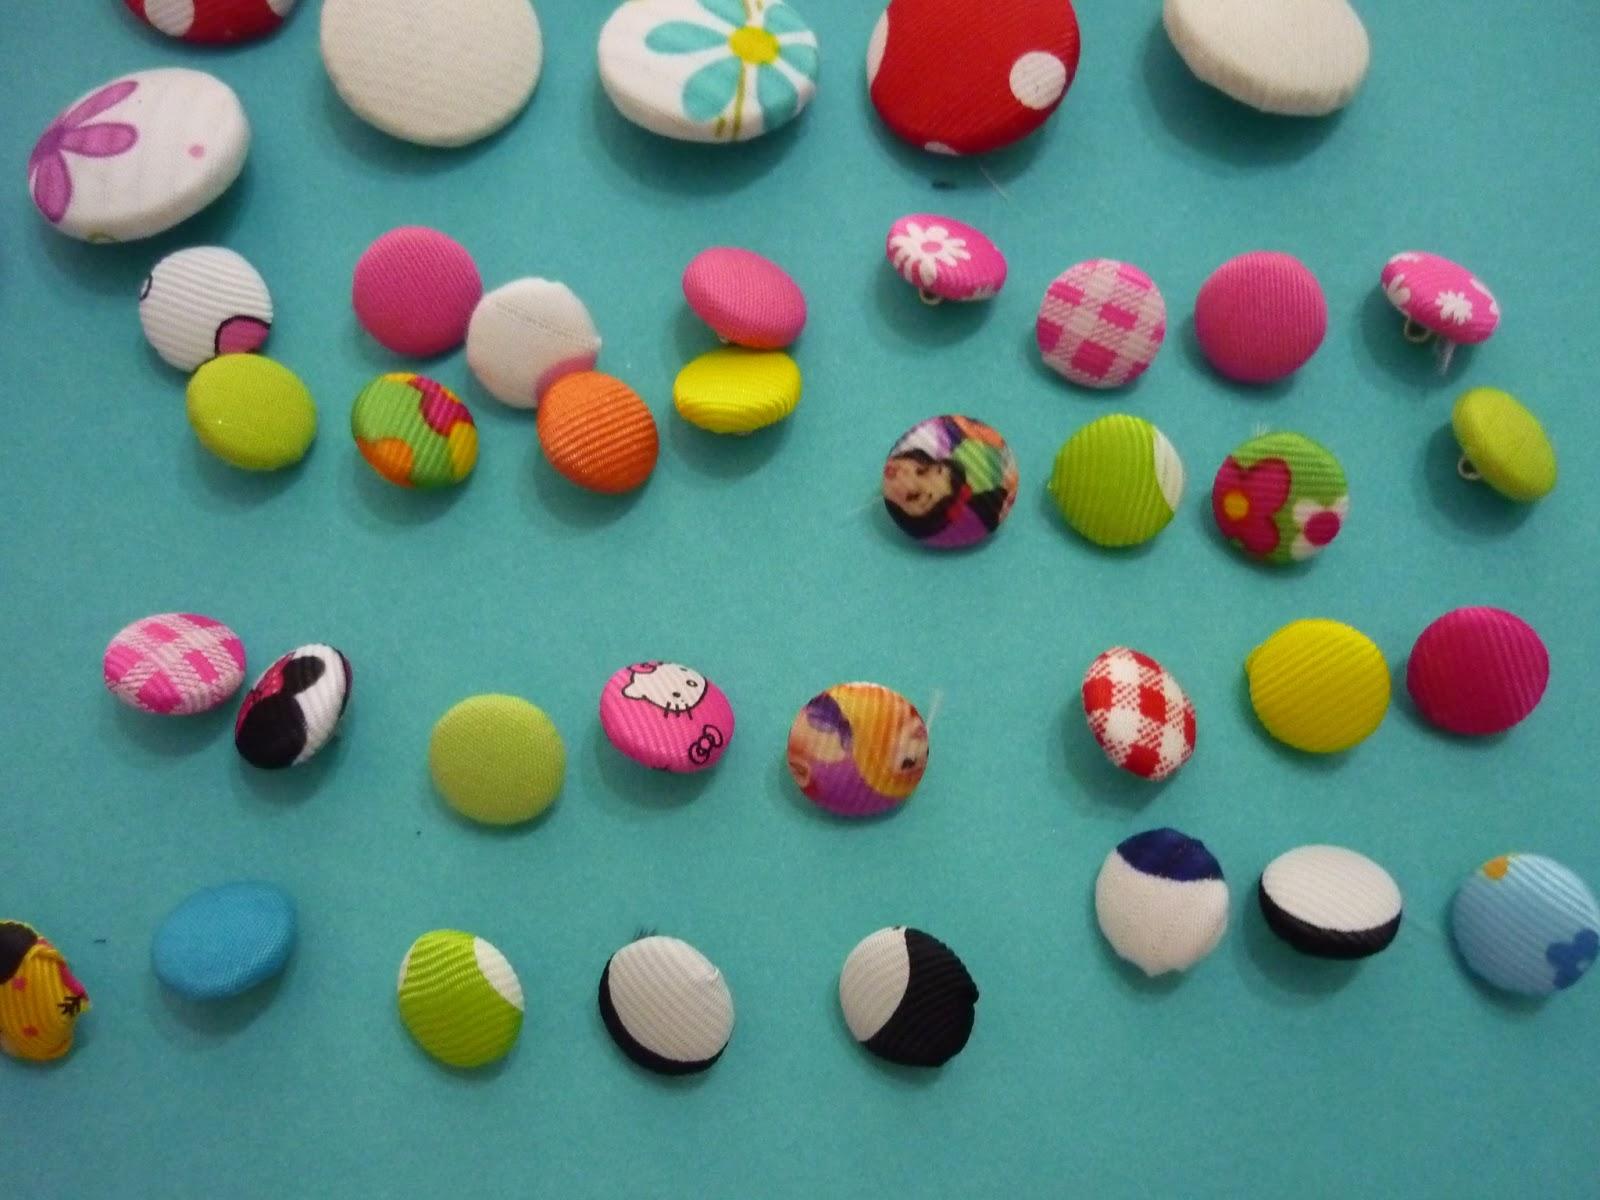 Materiales para manualidades botones para empezar tu negocio - Manualidades de botones ...